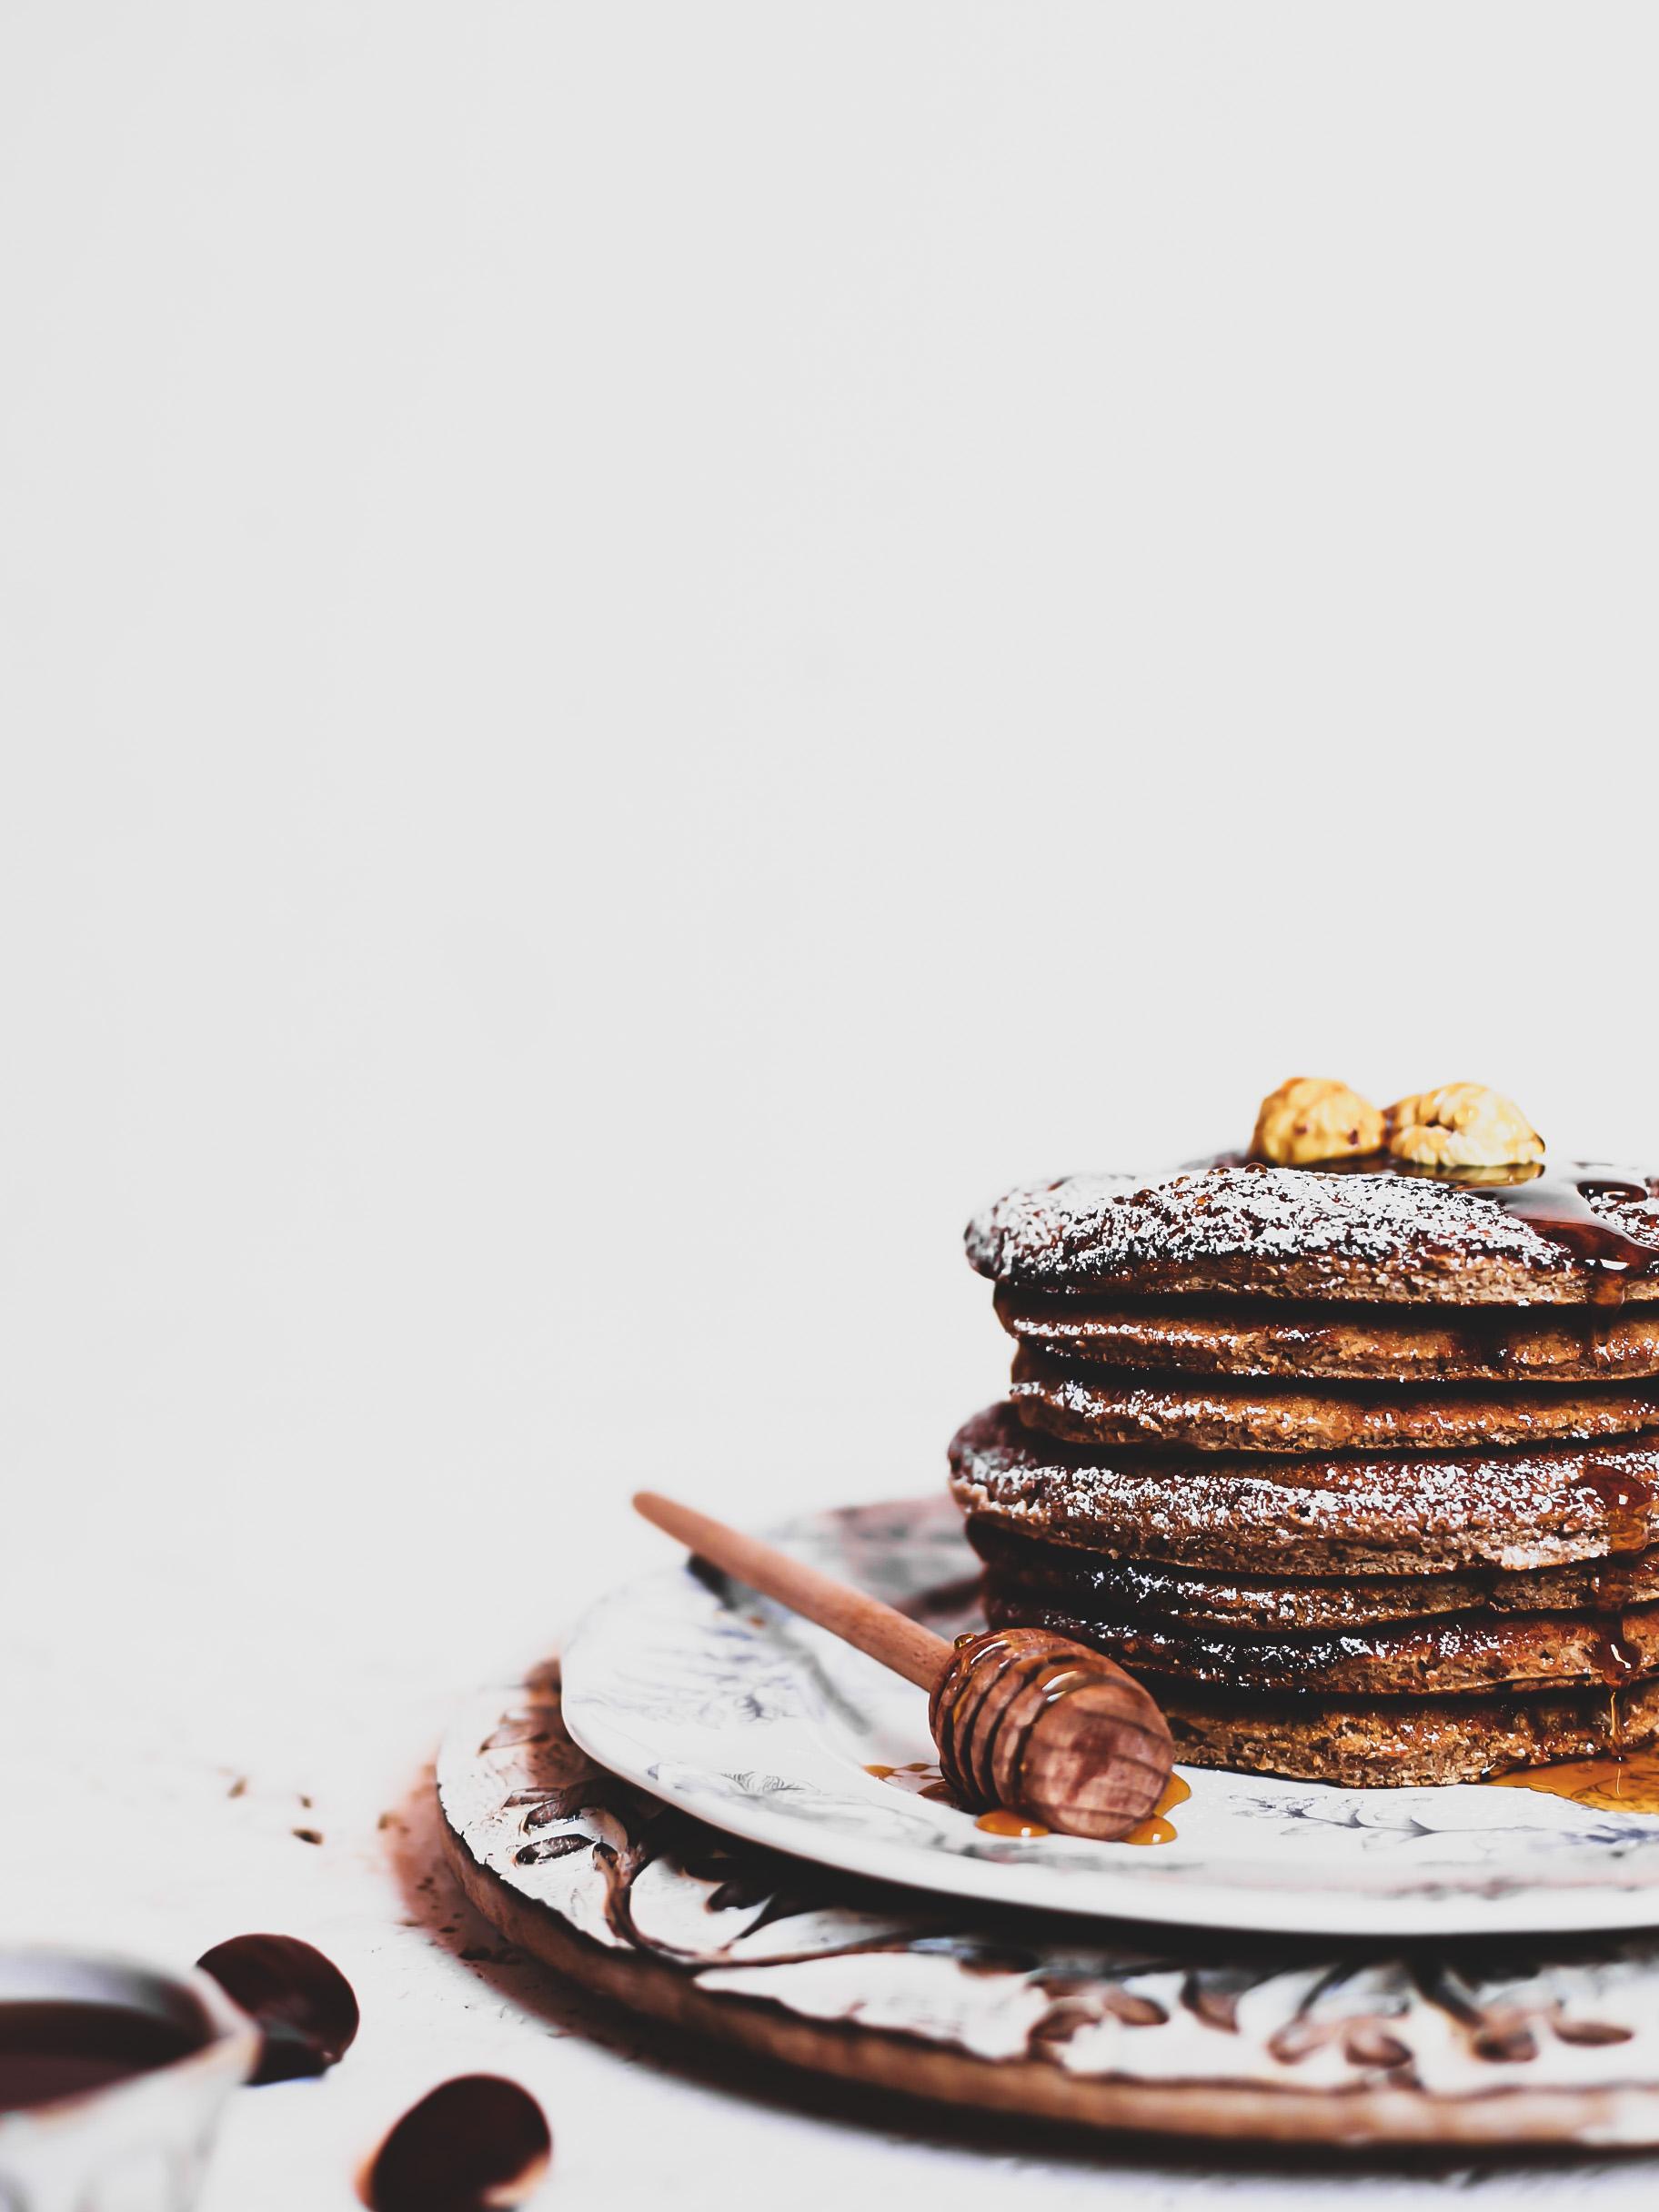 Pancakes con harina de castaña y miel de castaña